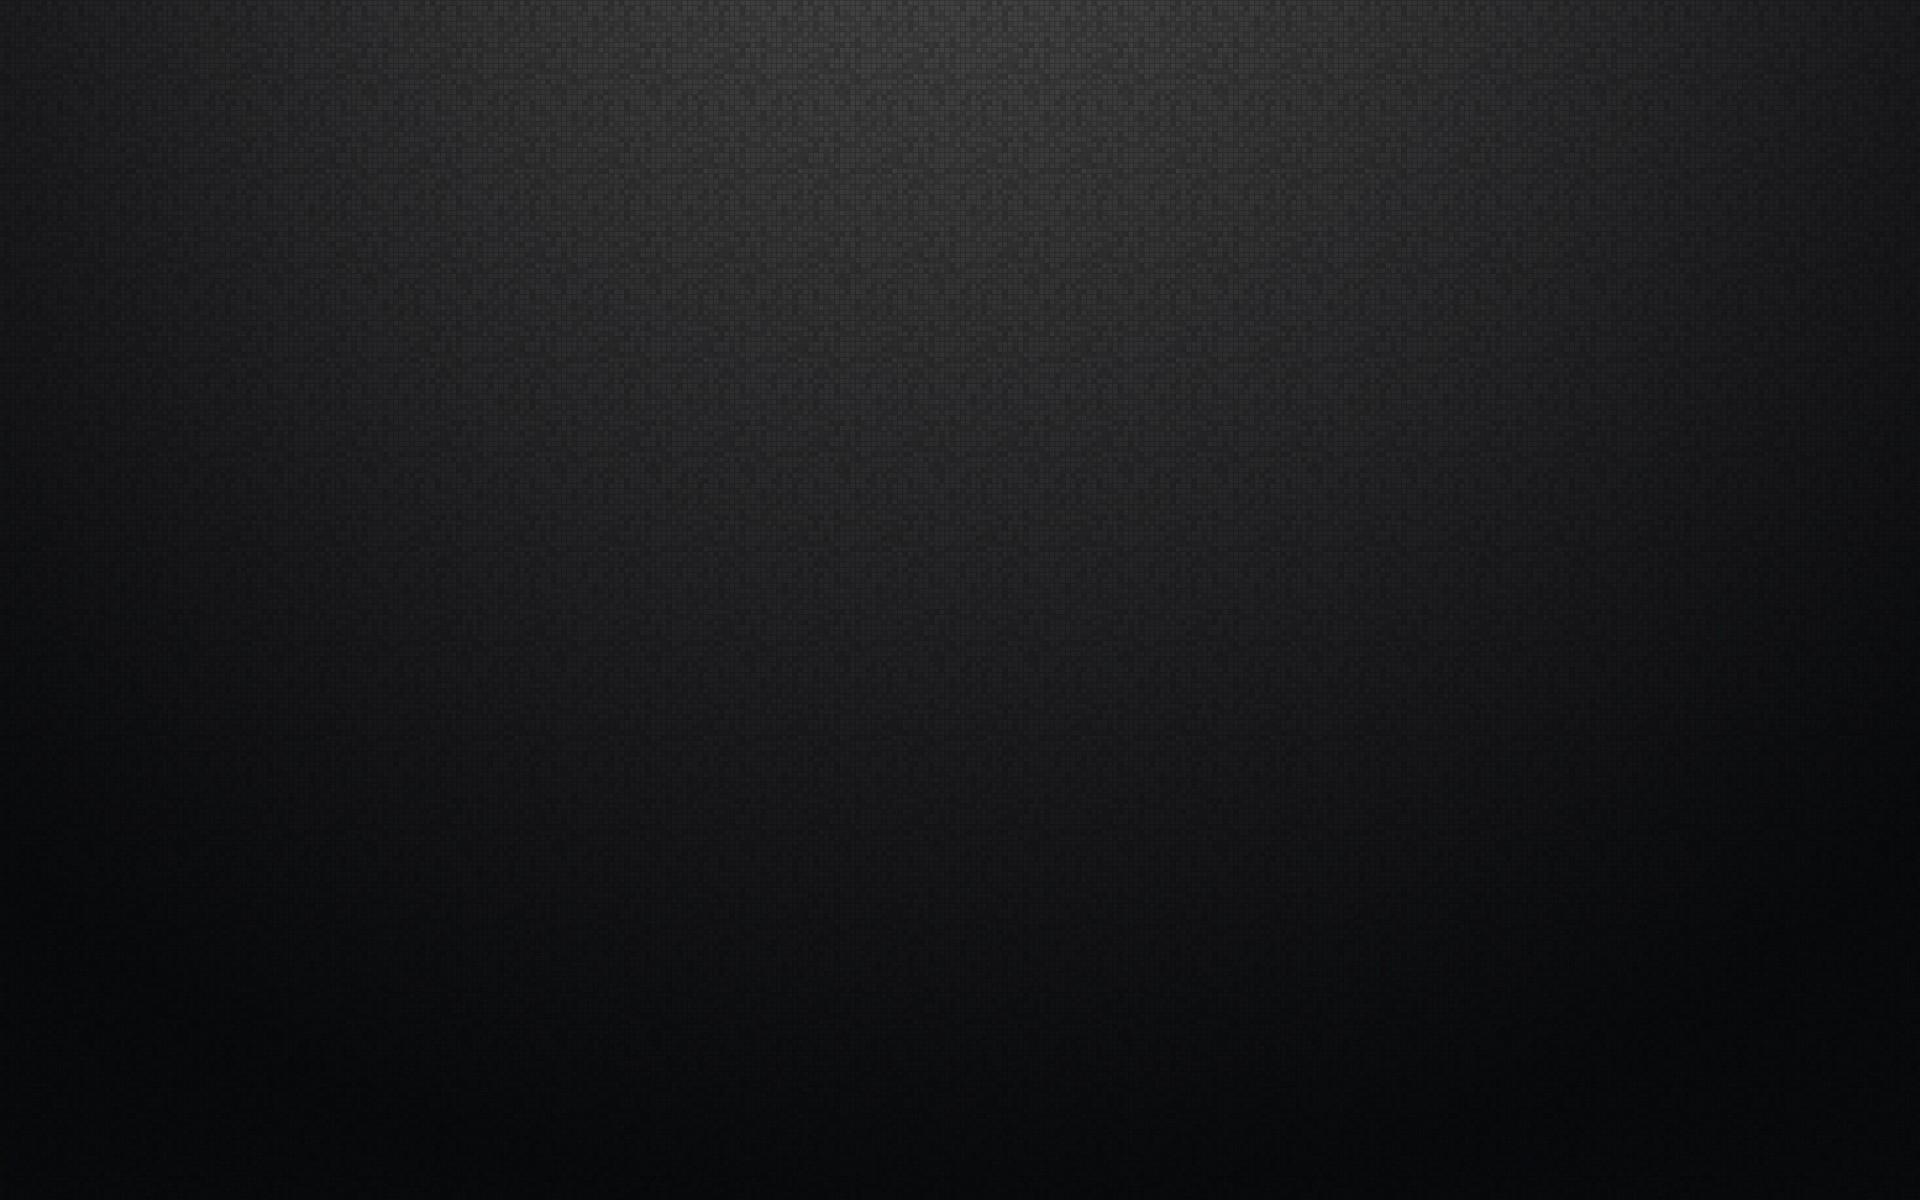 Black Backgrounds 6 Wallpaper   Hdblackwallpapercom 1920x1200